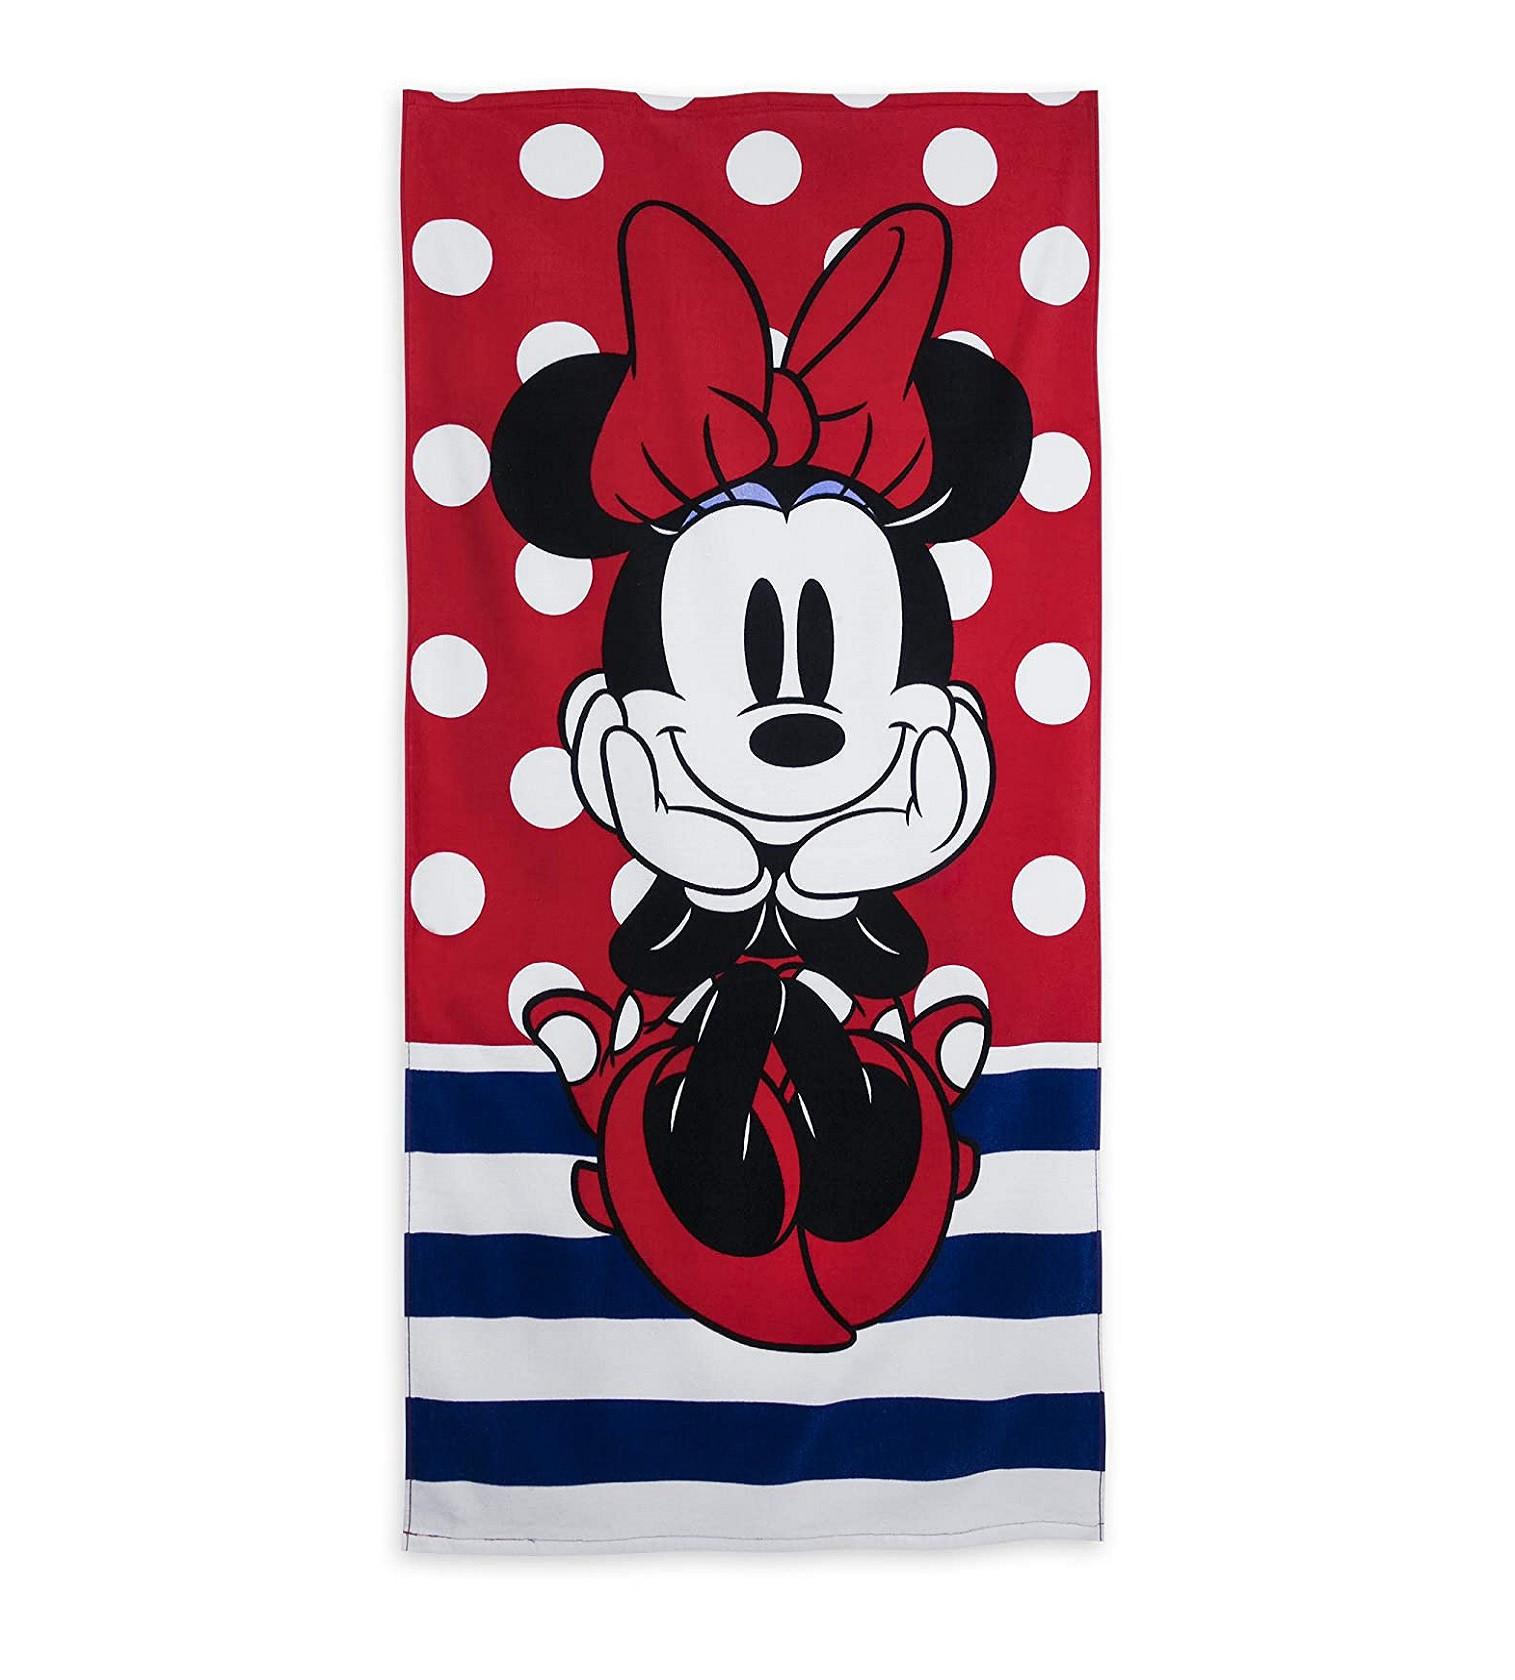 Купити Дитячий махровий рушник Disney Minnie Mouse Red - фото 1